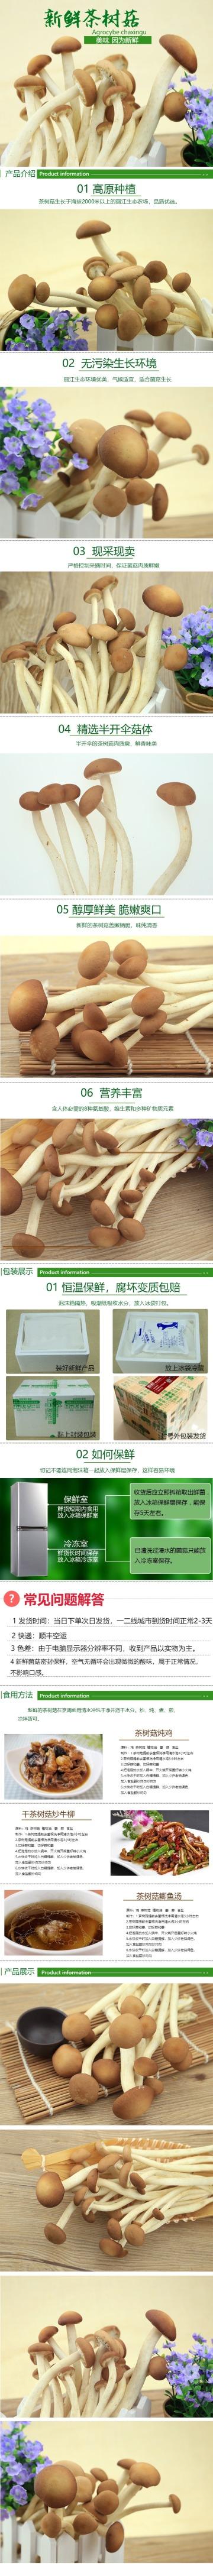 清新简约百货零售美食干货茶树菇促销电商详情页